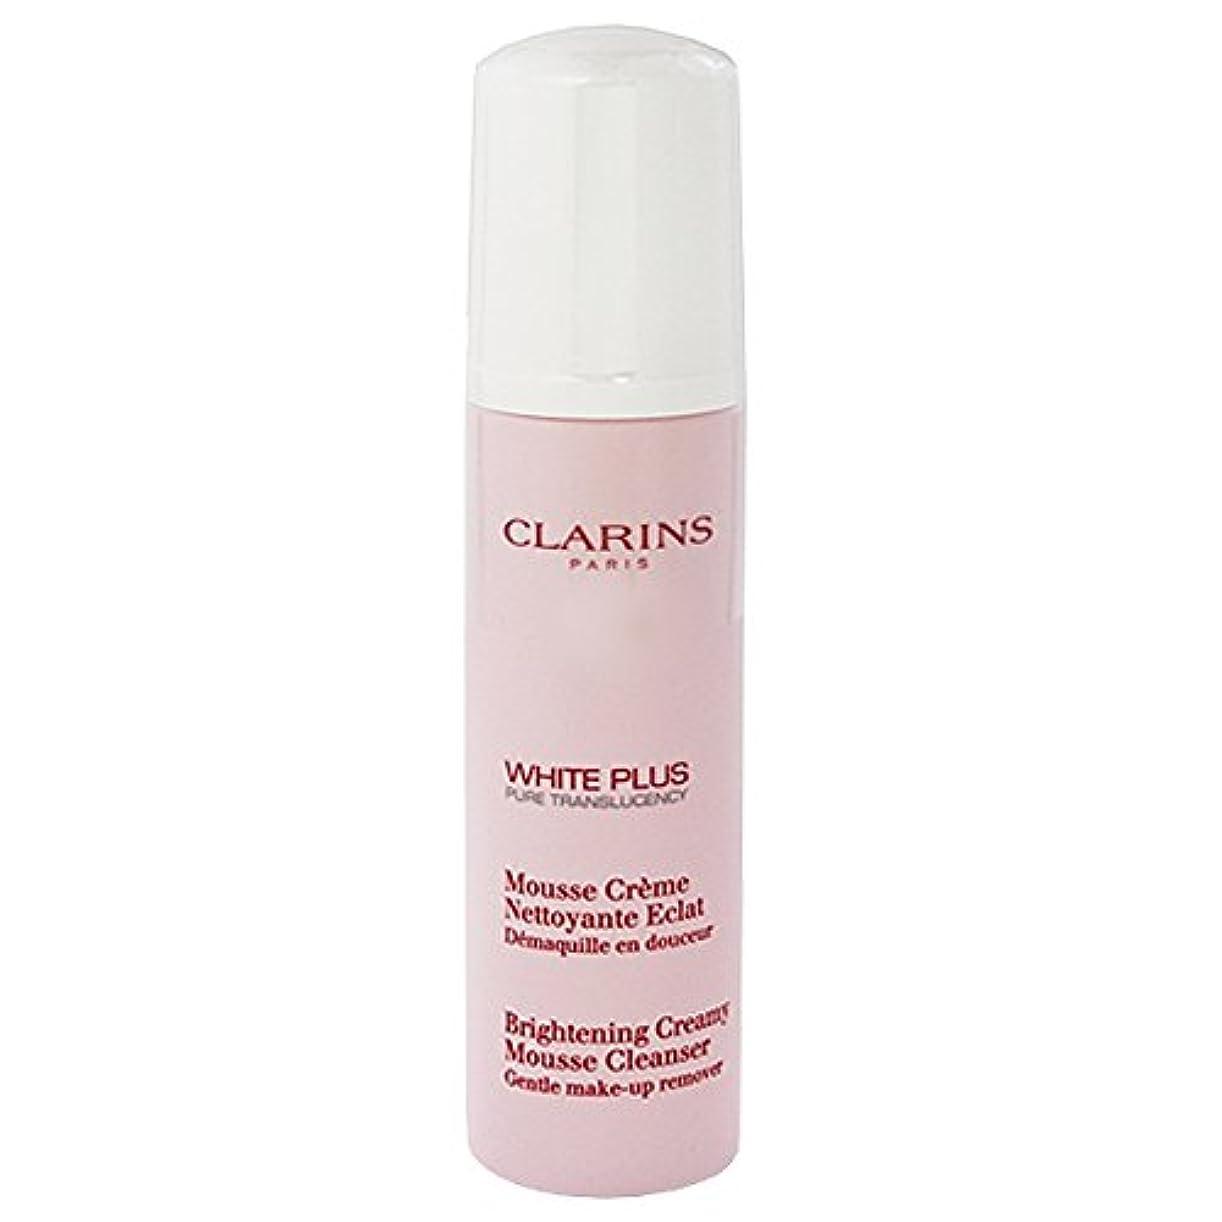 クラランス CLARINS ホワイト-プラス ブライト クレンザー 150ml [並行輸入品]